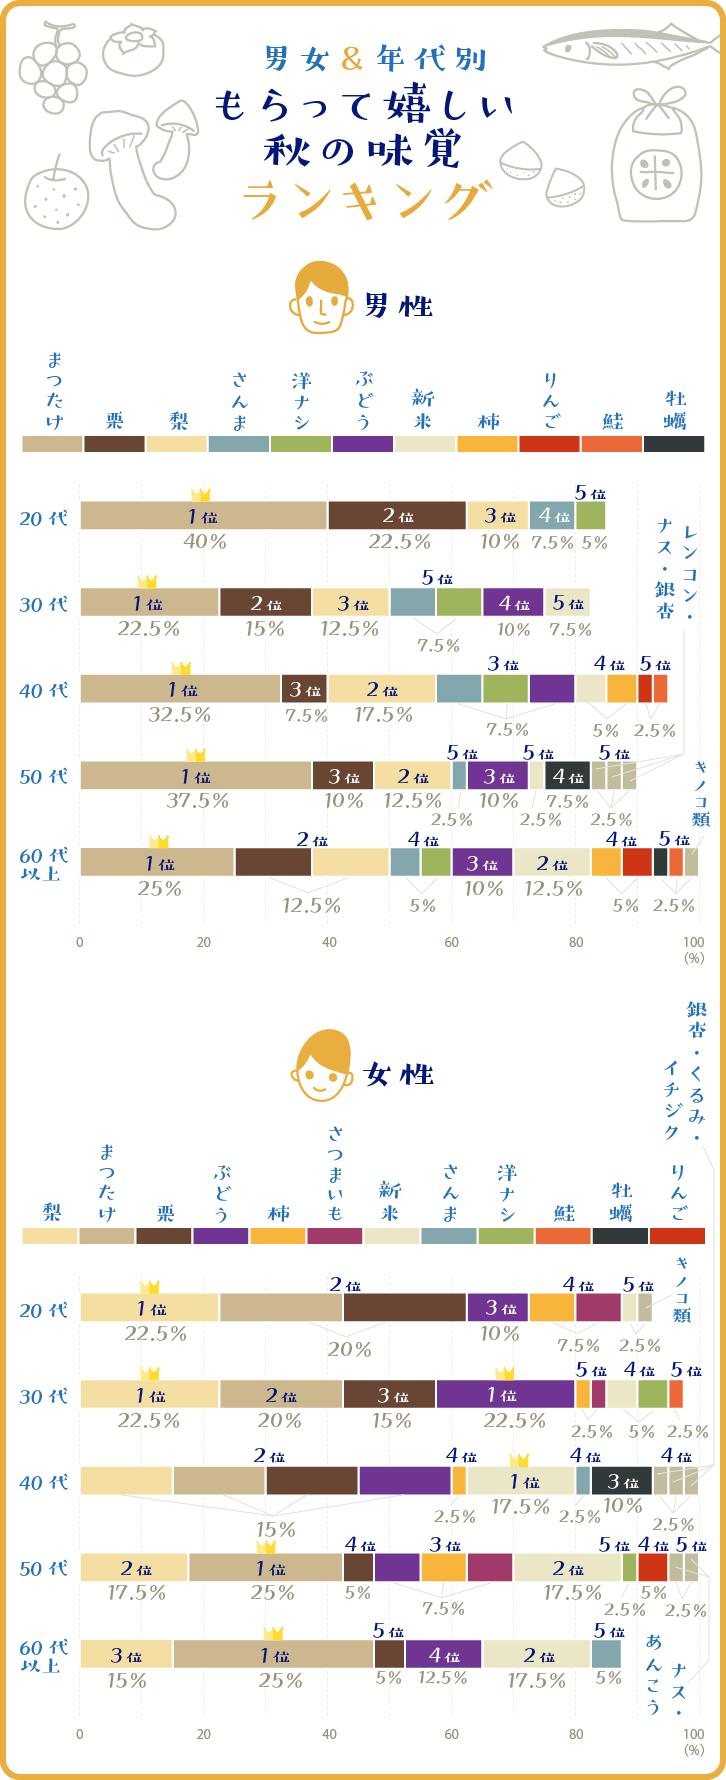 男女&年代別 もらってうれしい秋の味覚ランキング ベスト5グラフ